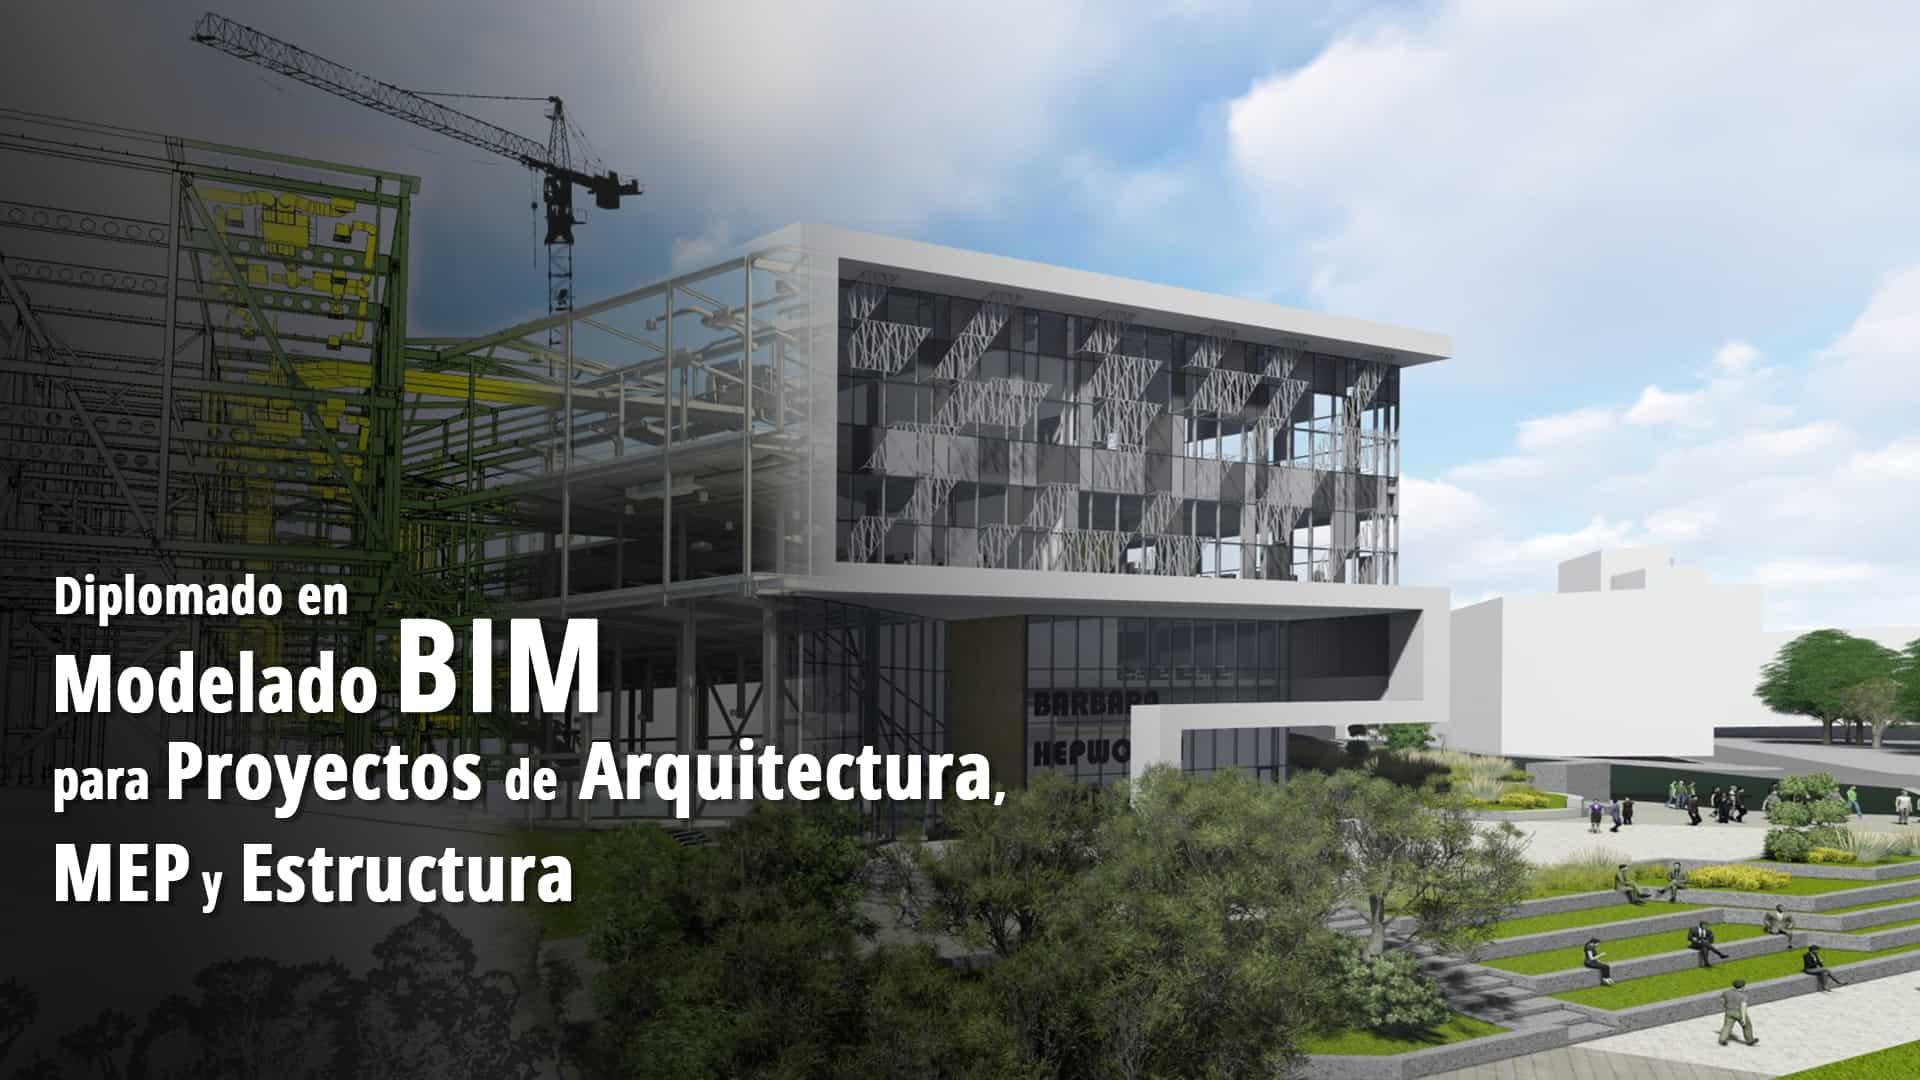 Modelado-BIM-Proyectos-Arquitectura-MEP-Estructura